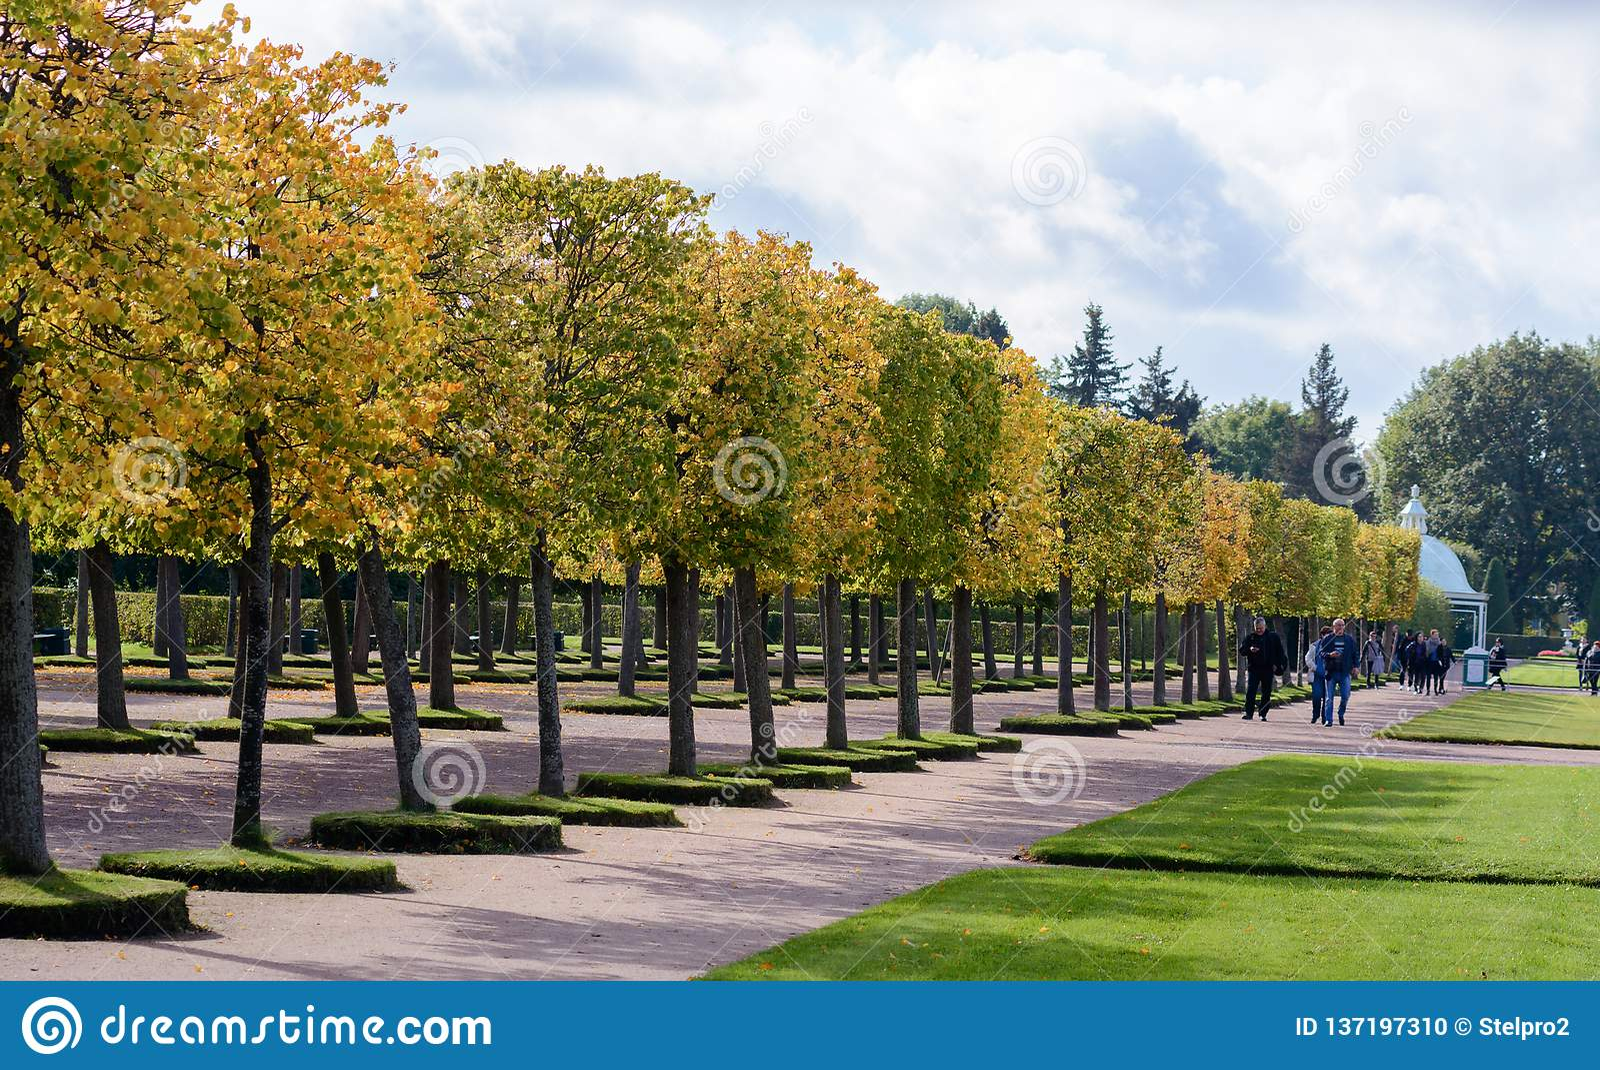 Övreträdgården av Peterhof dekoreras med en blommande grön lindaveny, som i höstsäsongen blir ett ljust gult